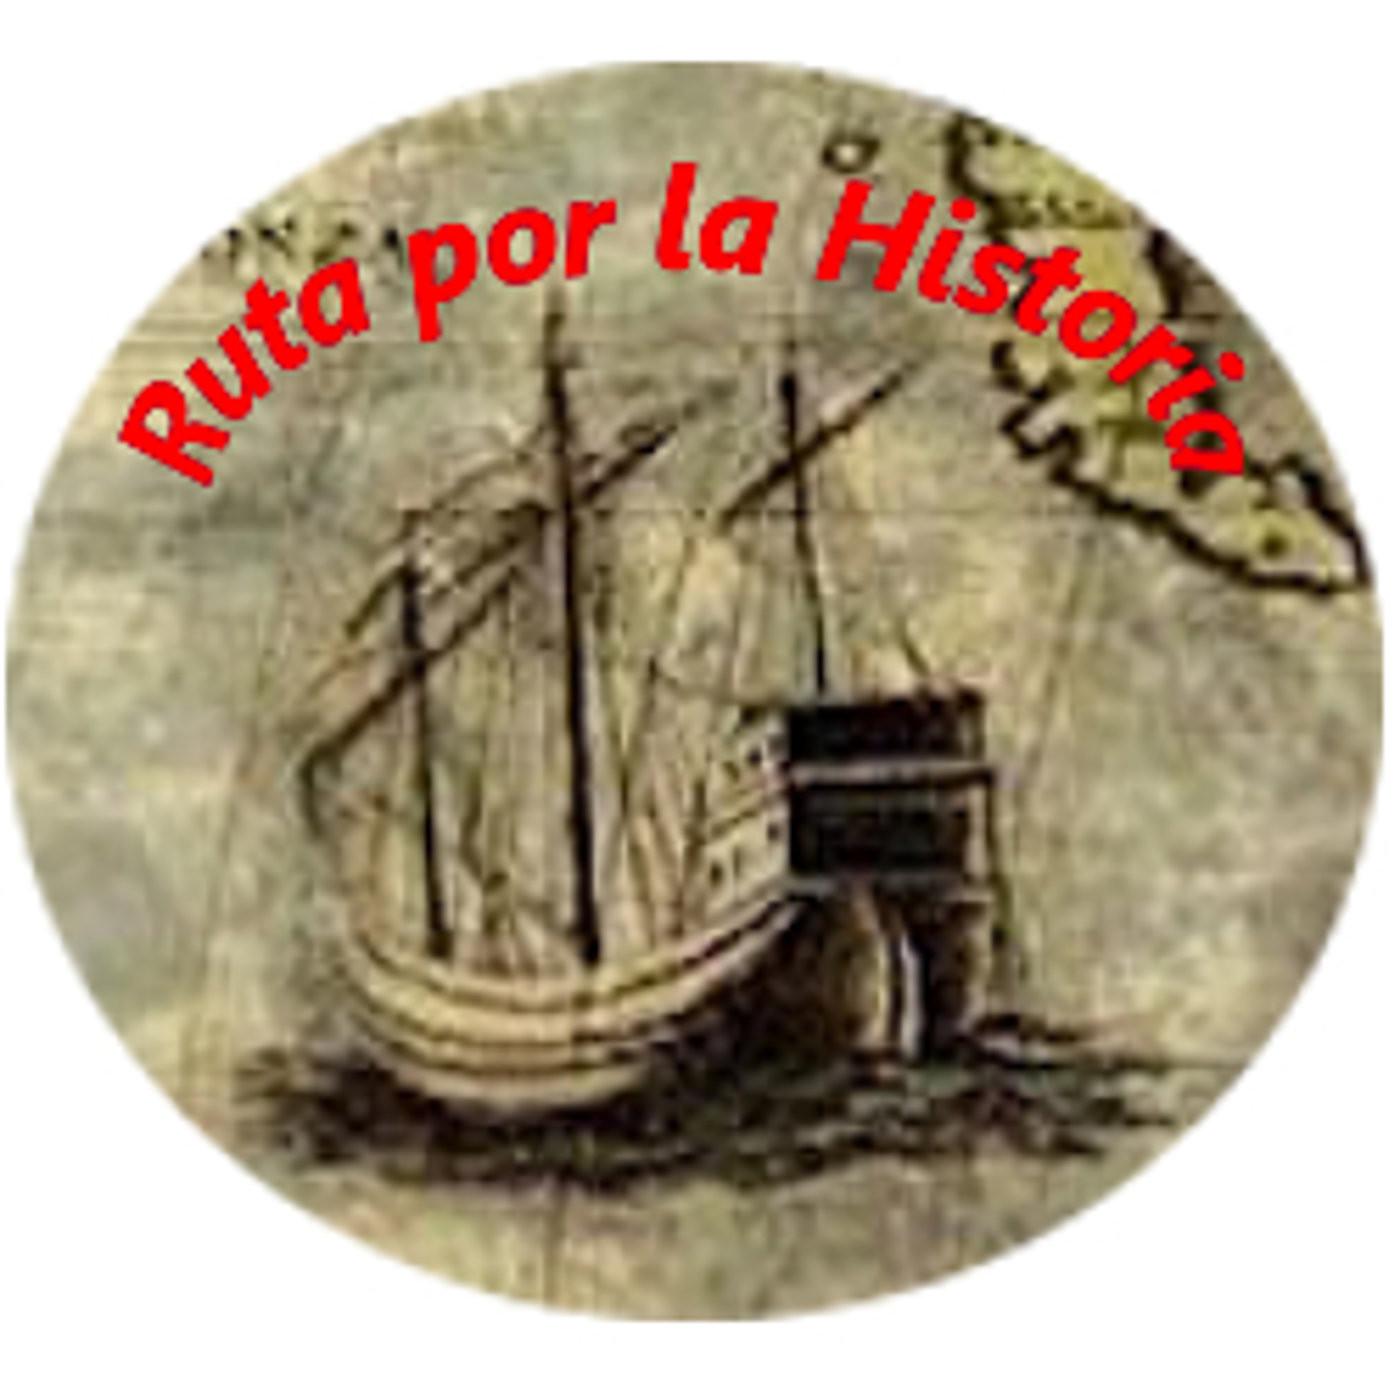 06x19 Ruta por la Historia: Constantino, el Grande (24/07/20)